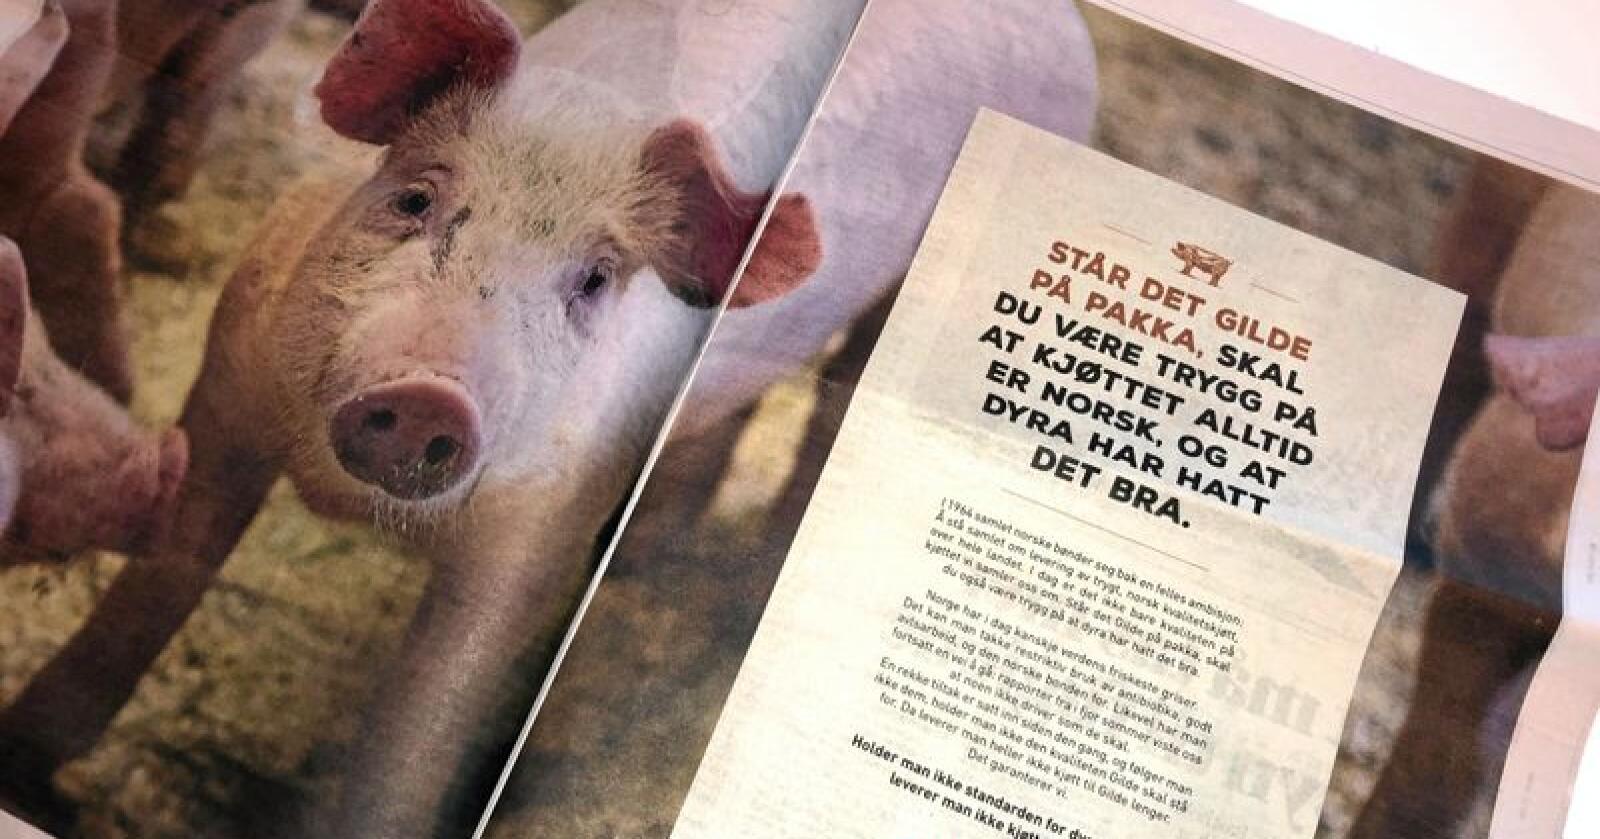 Gilde-annonse dagen etter NRK Brennpunkt-dokumentar om svinenæringa. Foto: Lars Bilit Hagen